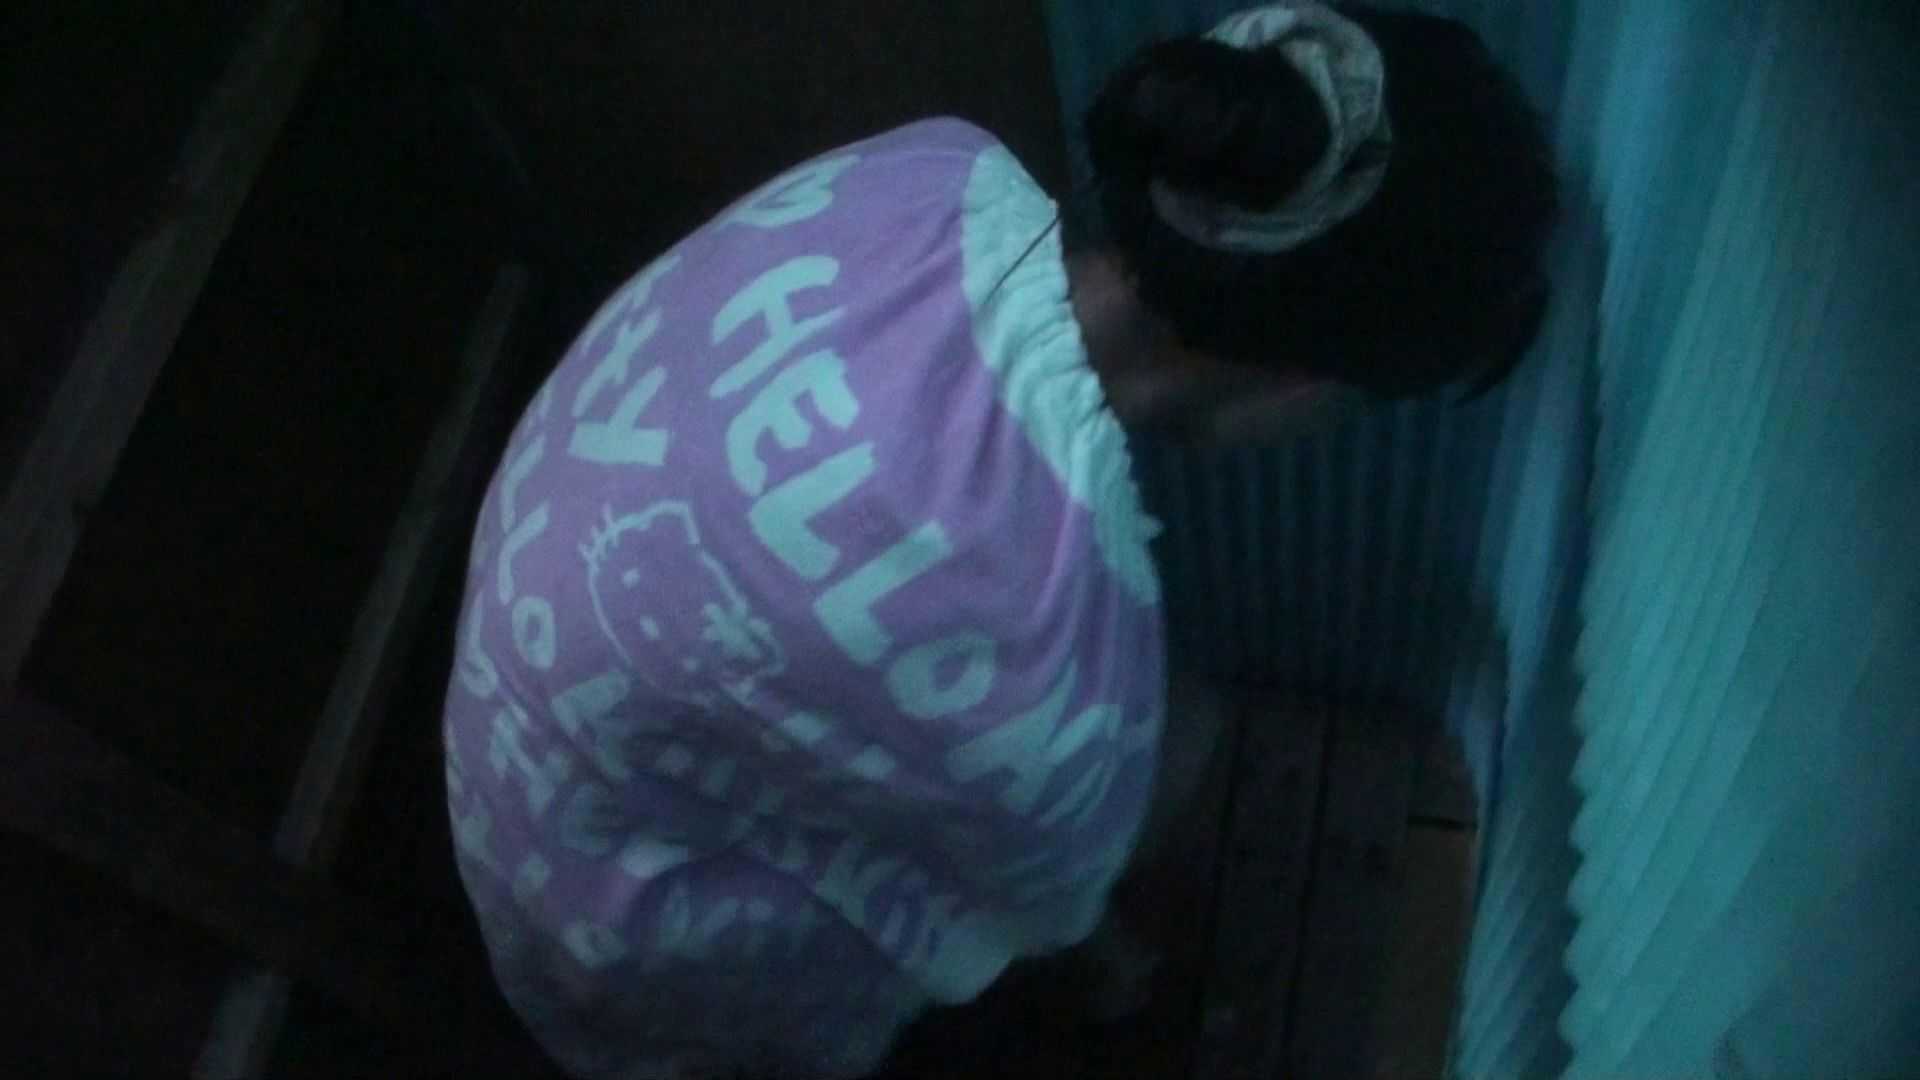 シャワールームは超!!危険な香りVol.26 大学生風美形ギャル 暗さが残念! 高画質 盗み撮りオマンコ動画キャプチャ 86pic 51